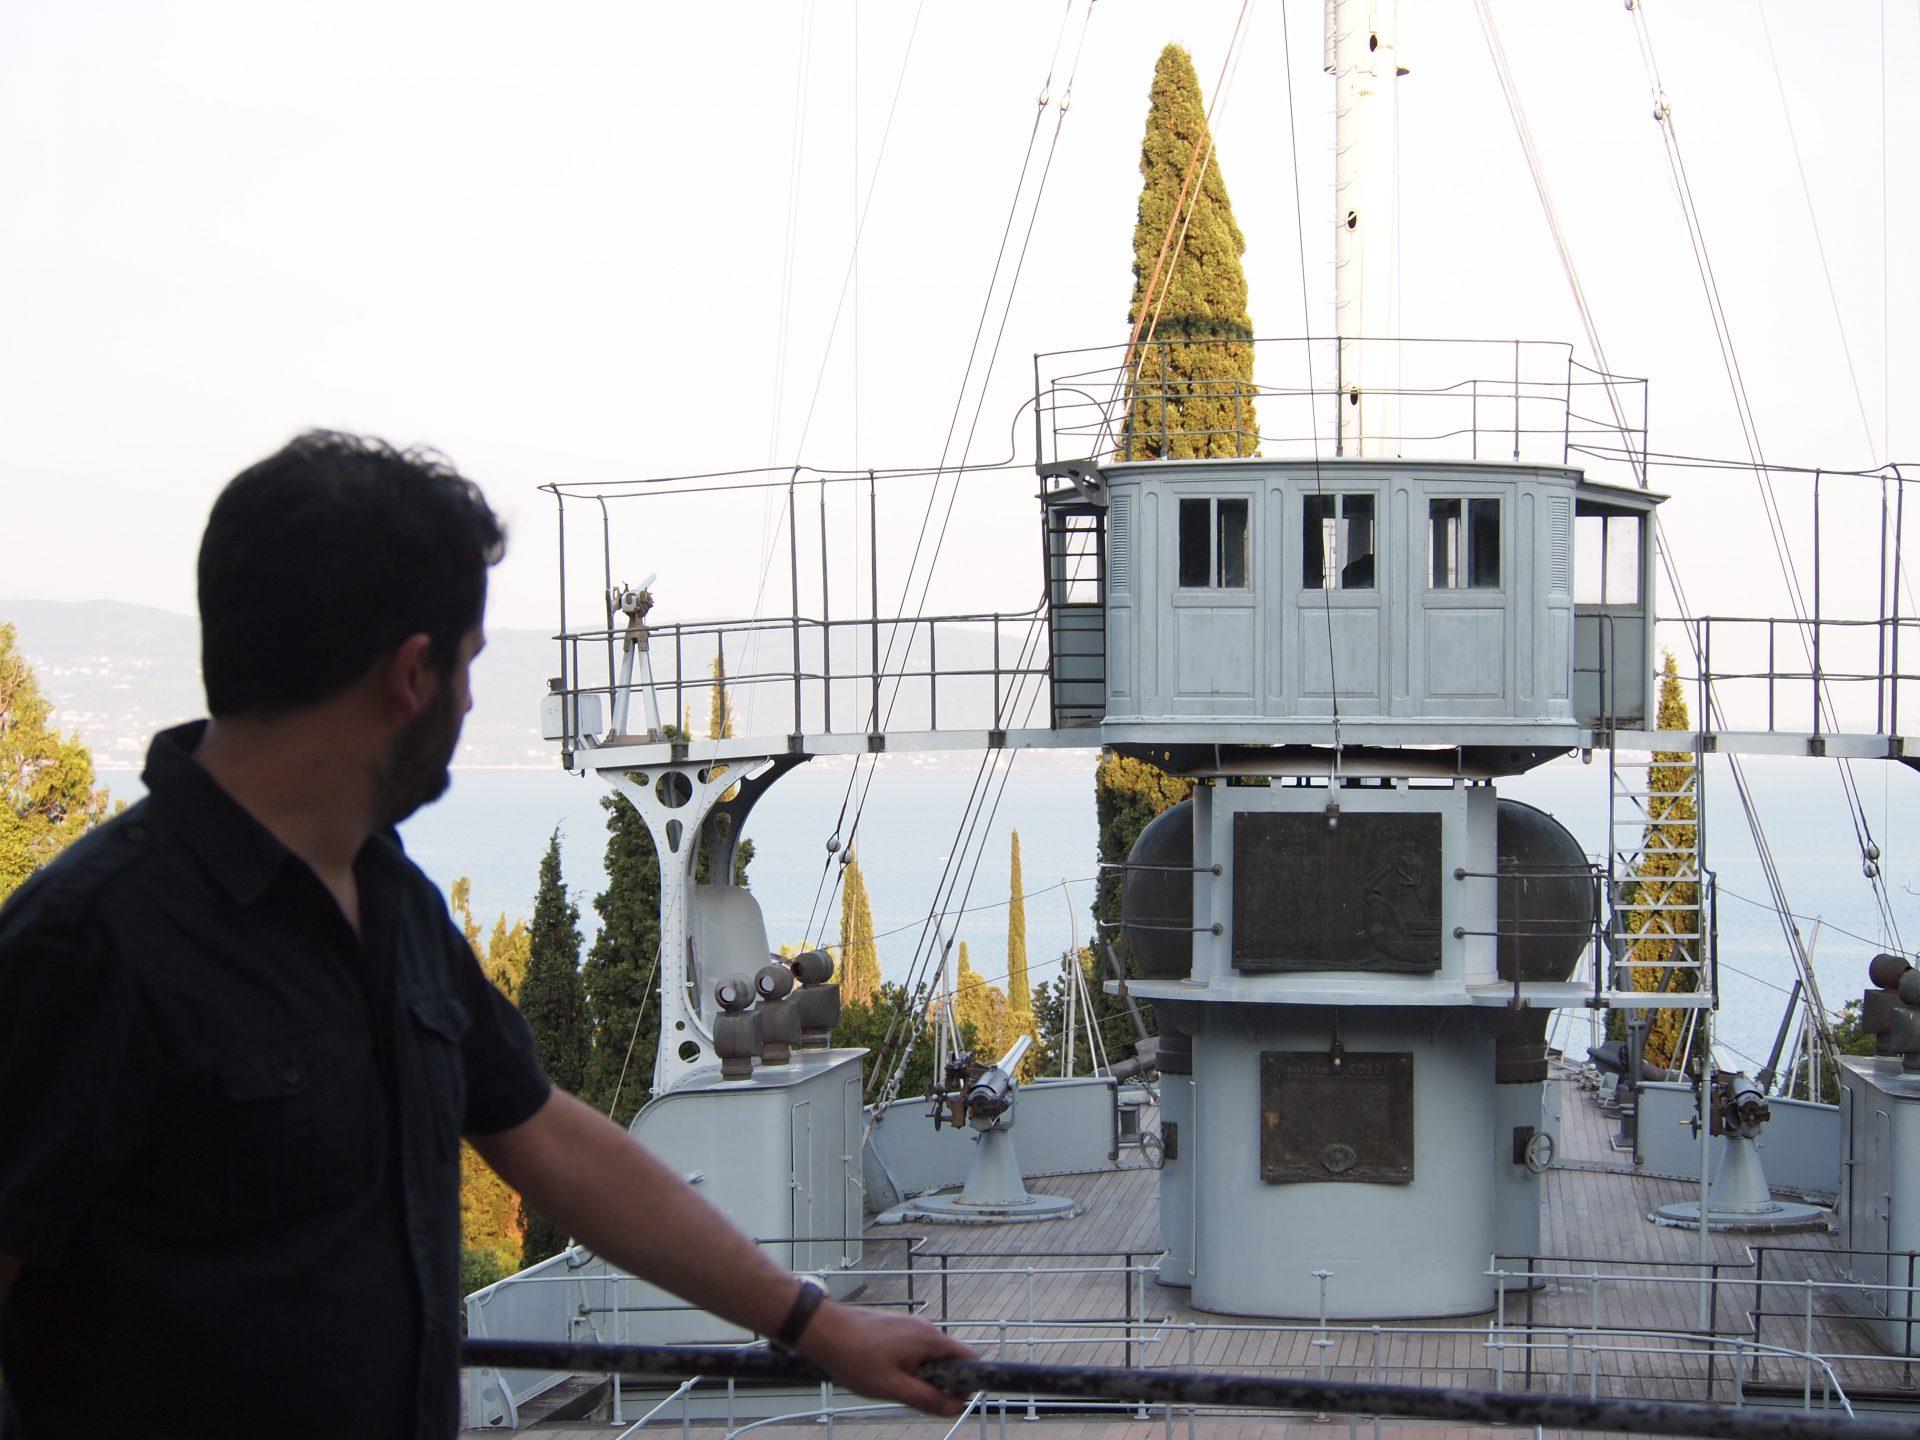 Marco davanti alla Nave Puglia